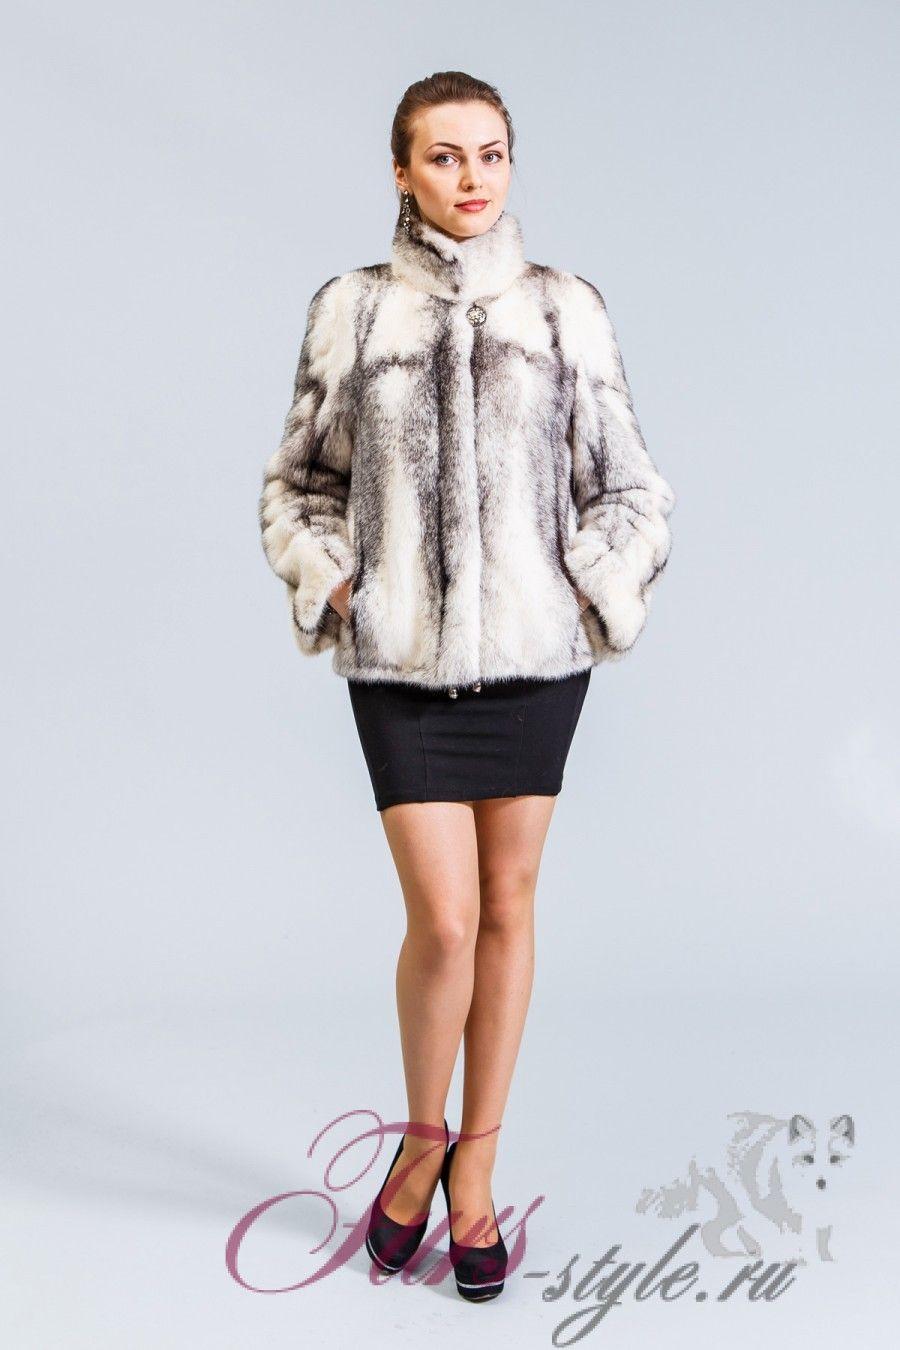 558723c3d59 Куртка из норки крестовки от Пятигорской фабрики